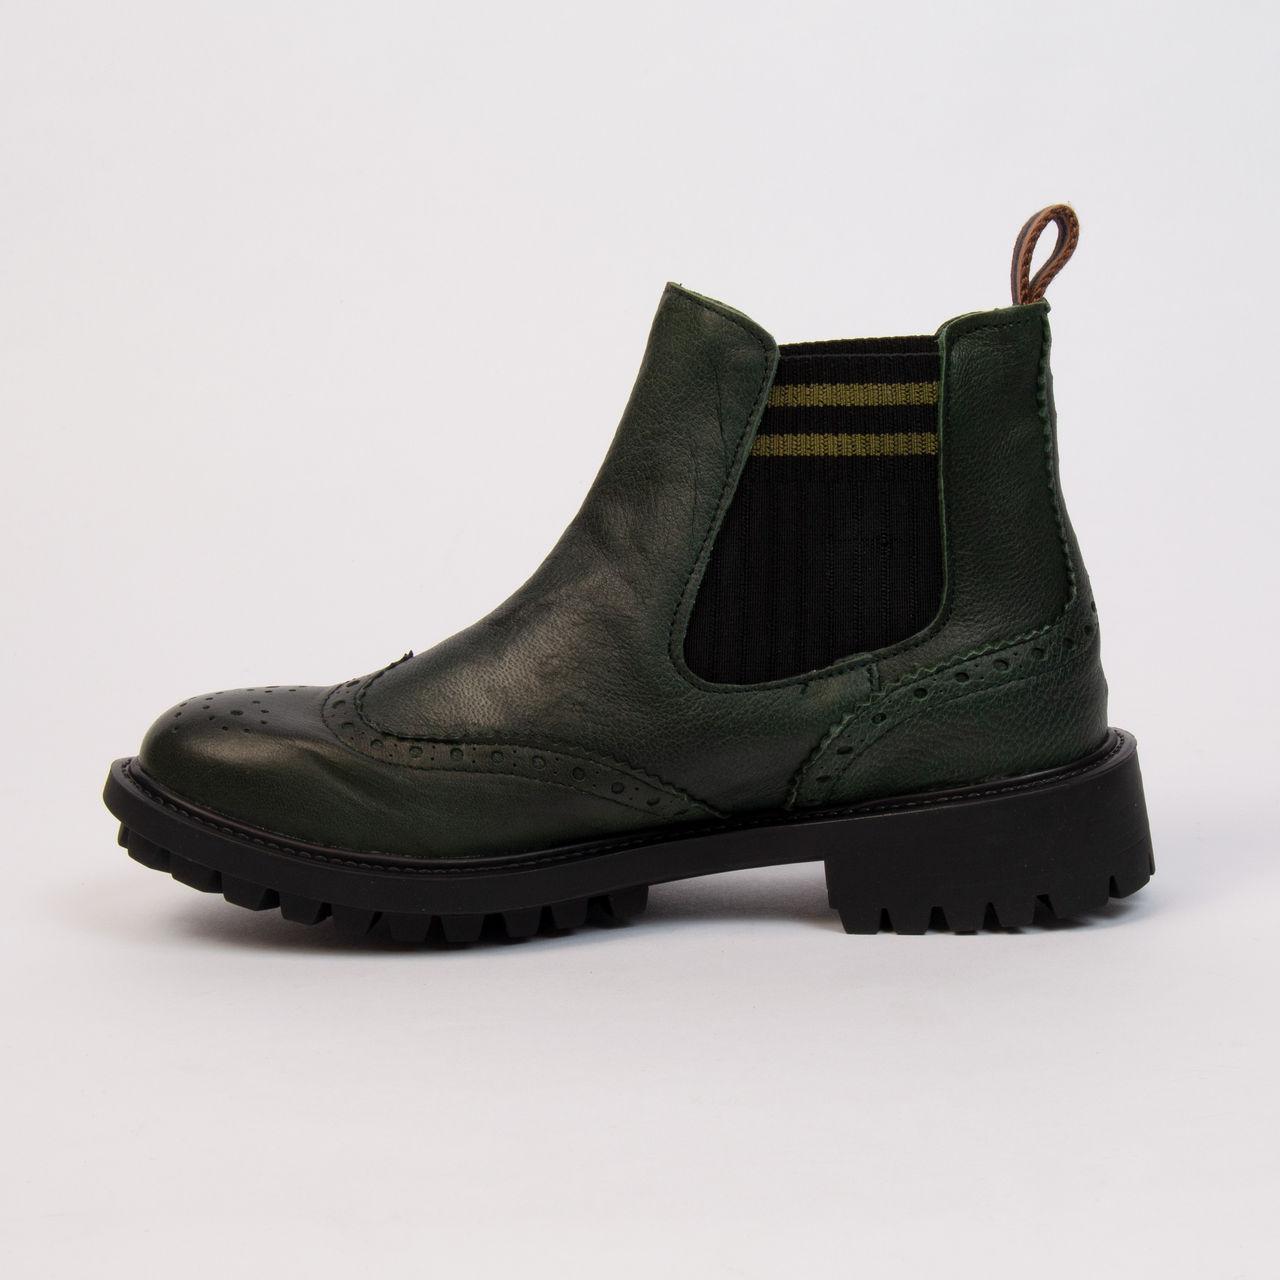 la moitié dd74c a81bf La Femme › Chaussures › Catherine Parra › Bottes Catherine Parra -  Stanislas Vert Bouteille | Boutique cdvshop.com